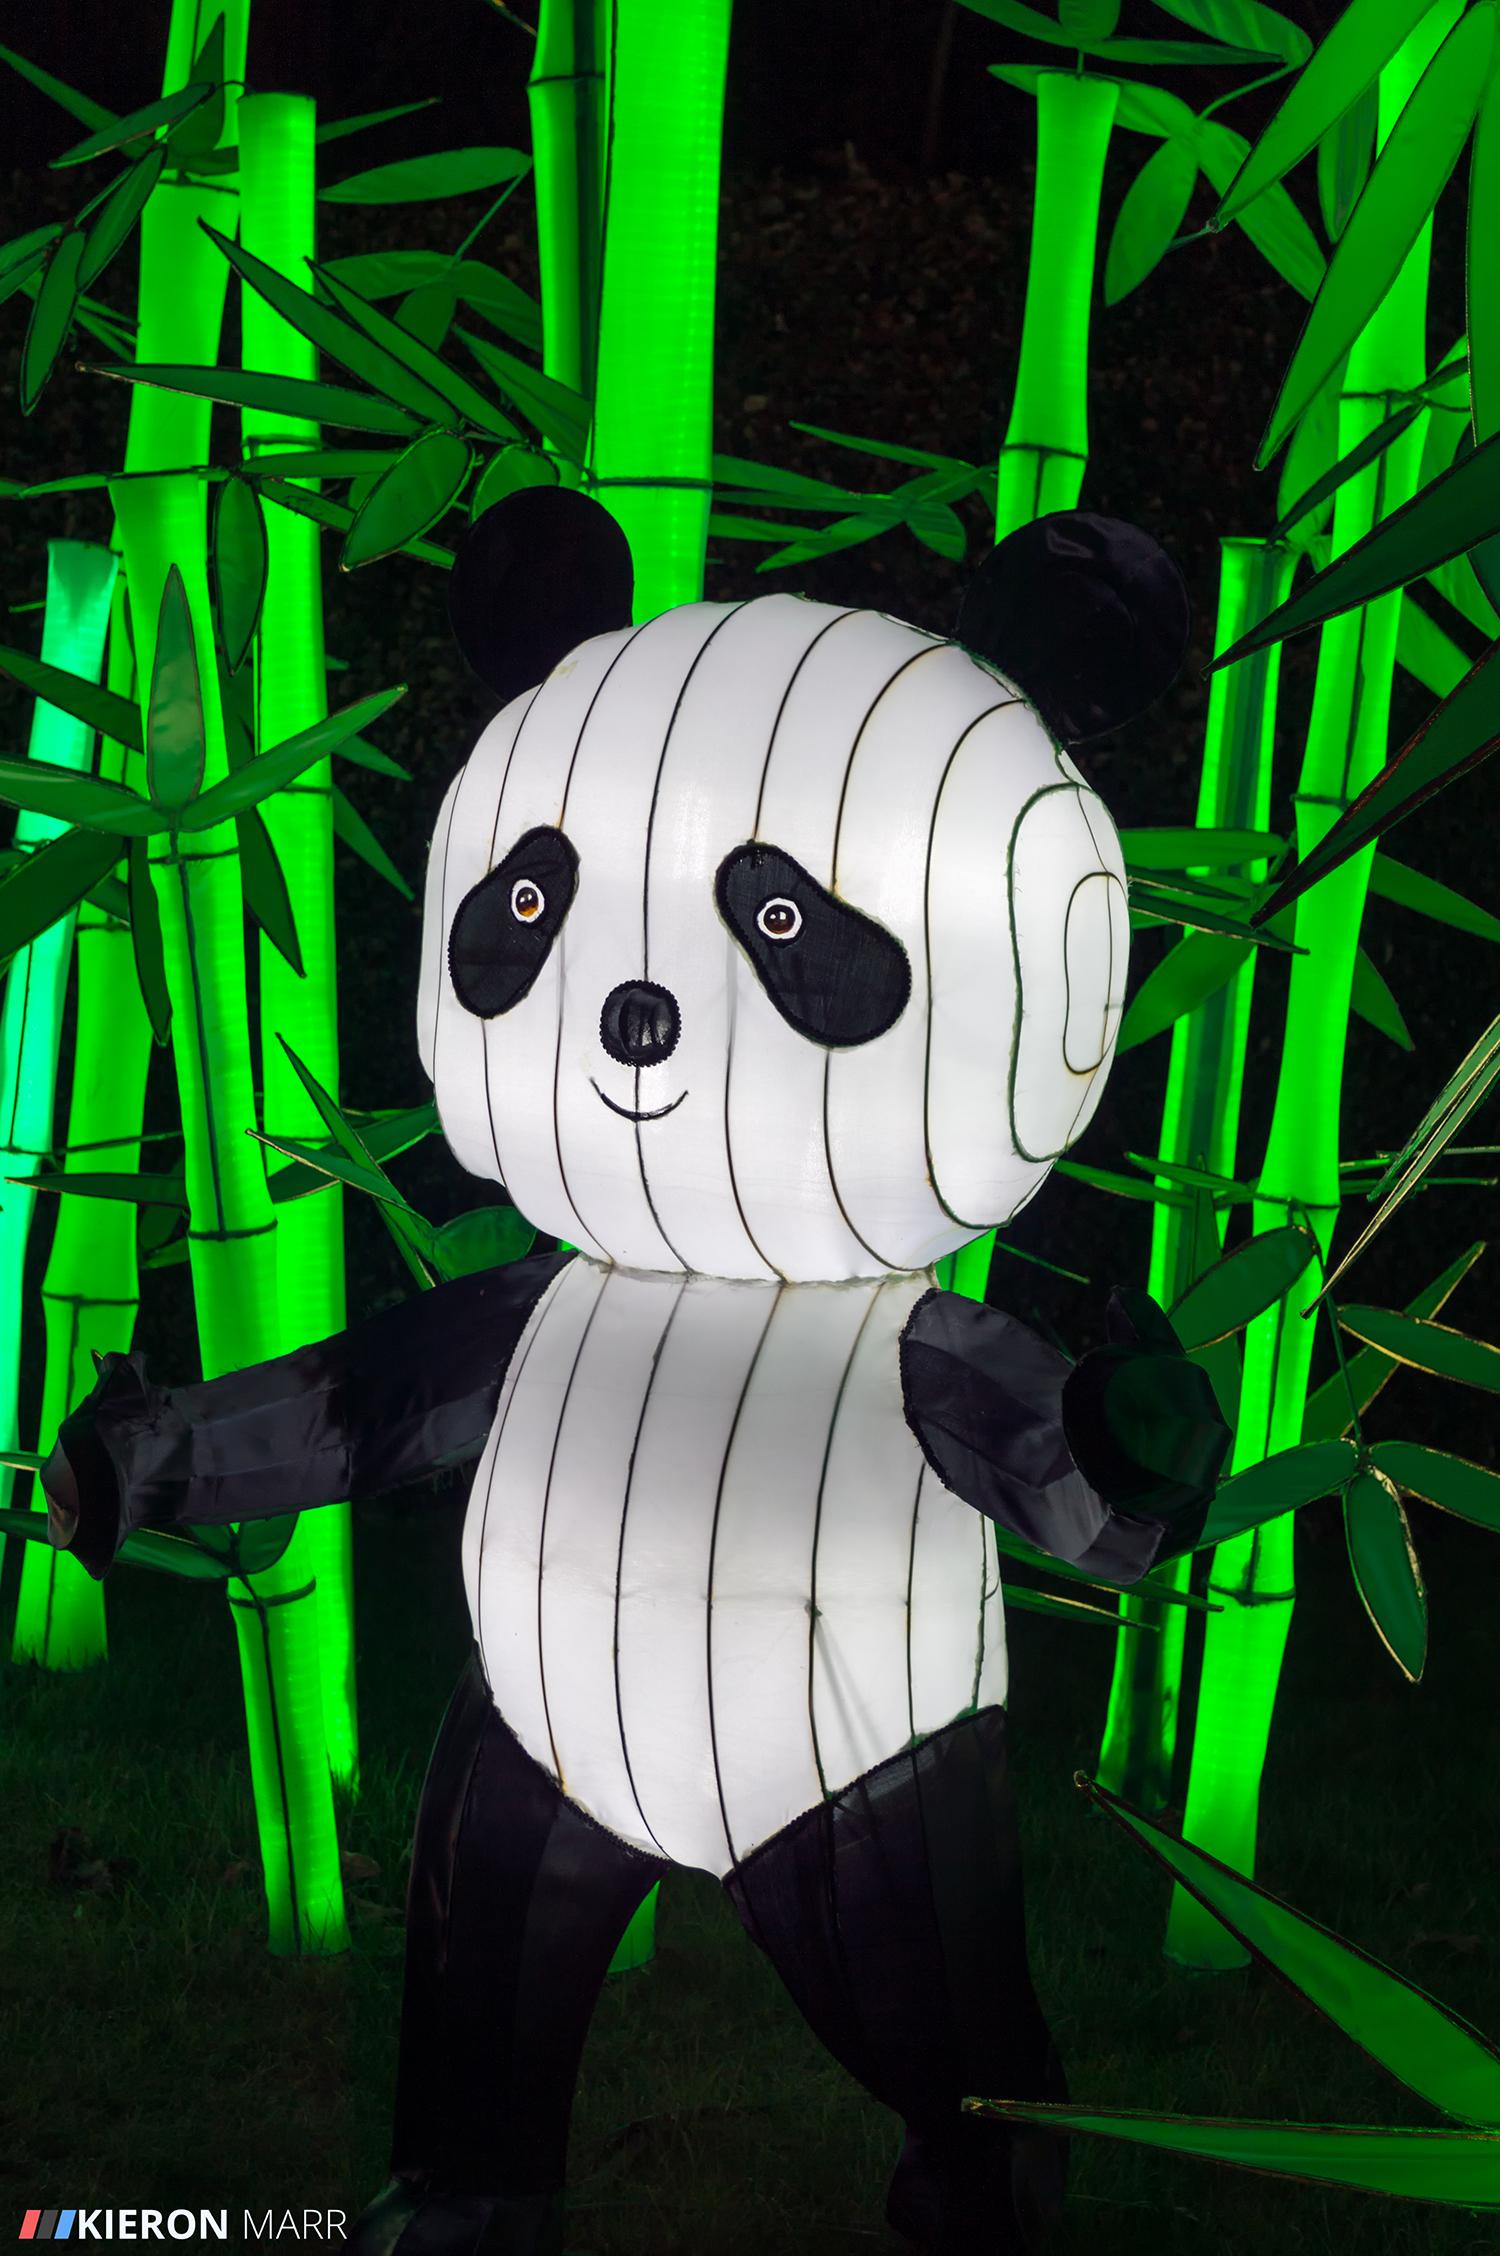 Longleat Festival of Light 2014 - Panda Garden